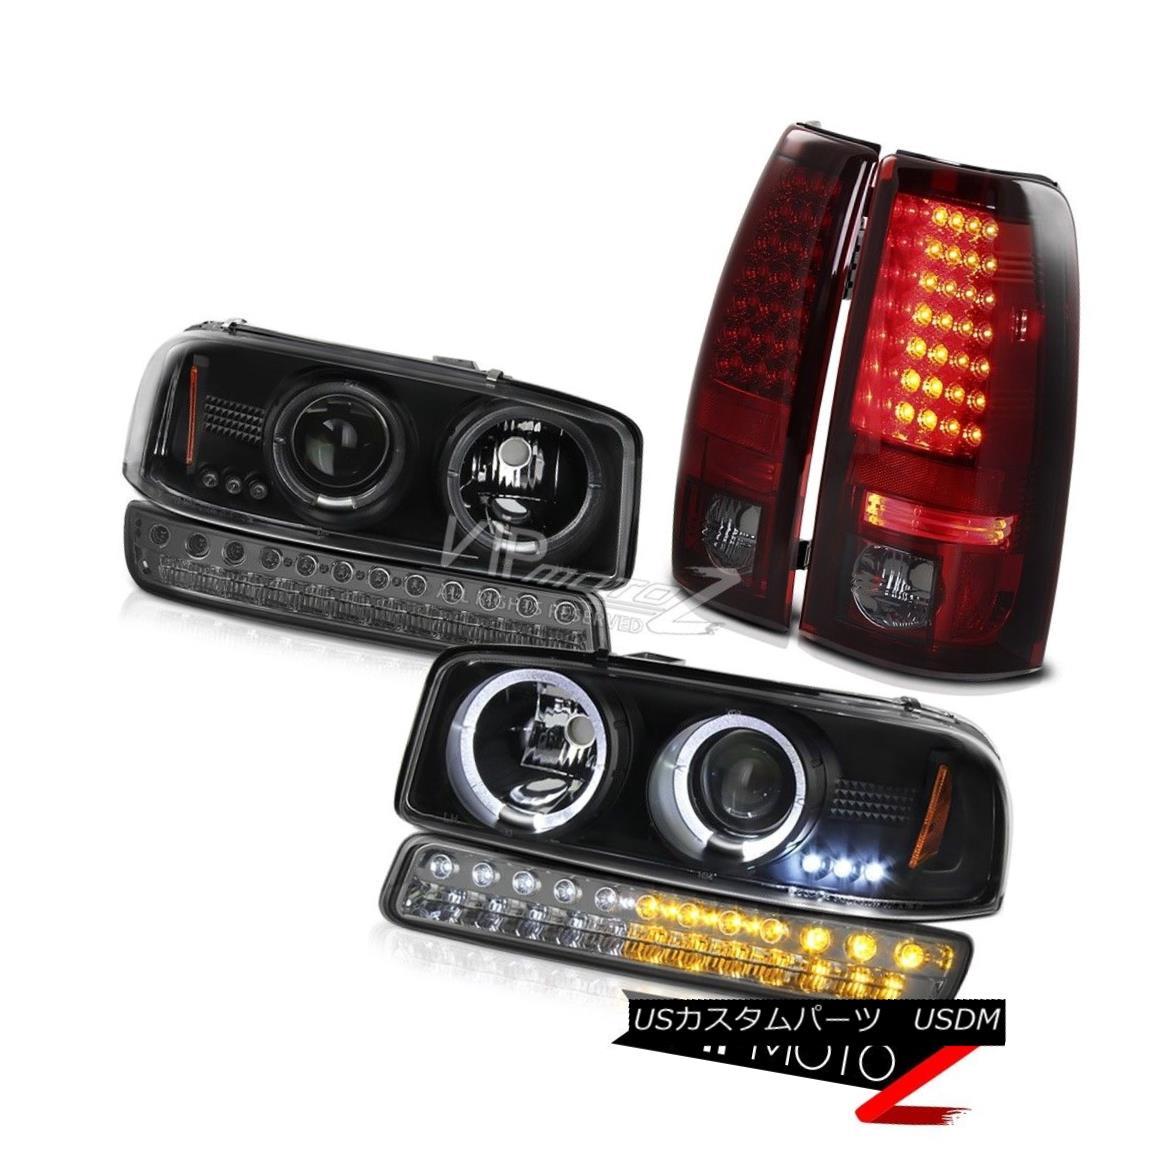 テールライト 1999-2006 Sierra SLT LED Parking Brake Lights dark Smoke Bumper Light Headlights 1999-2006シエラSLT LEDパーキングブレーキライトダークスモークバンパーライトヘッドライト